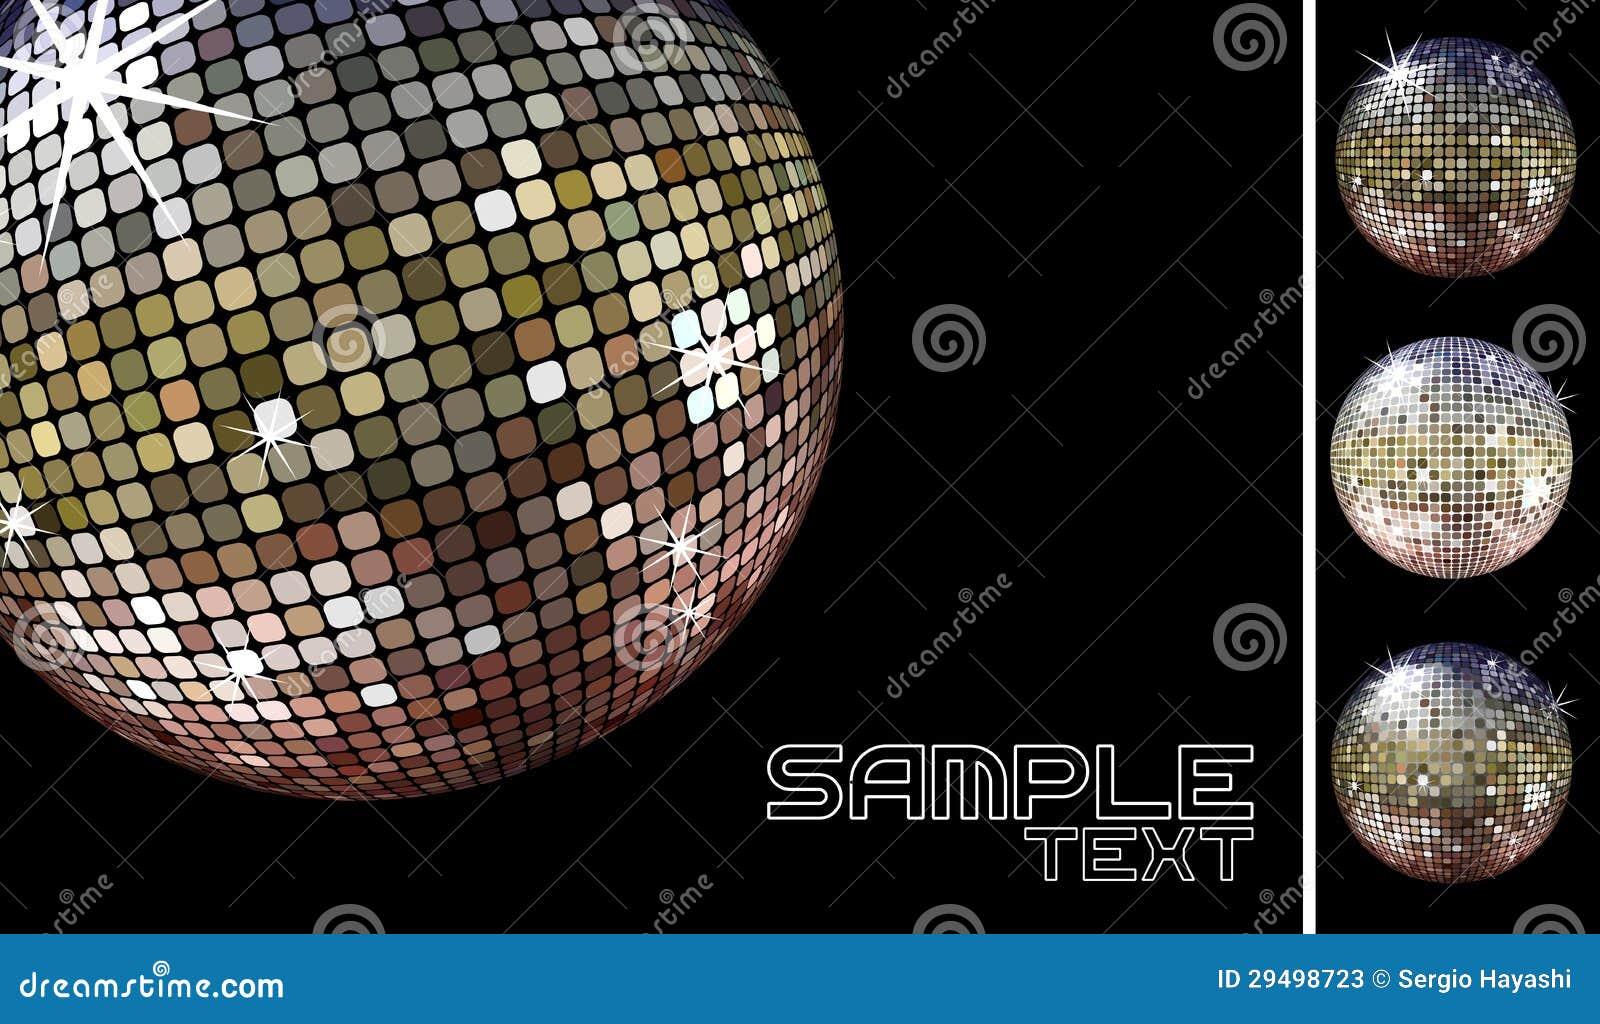 Vector de la bola de discoteca ilustraci n del vector - Bola de discoteca de colores ...